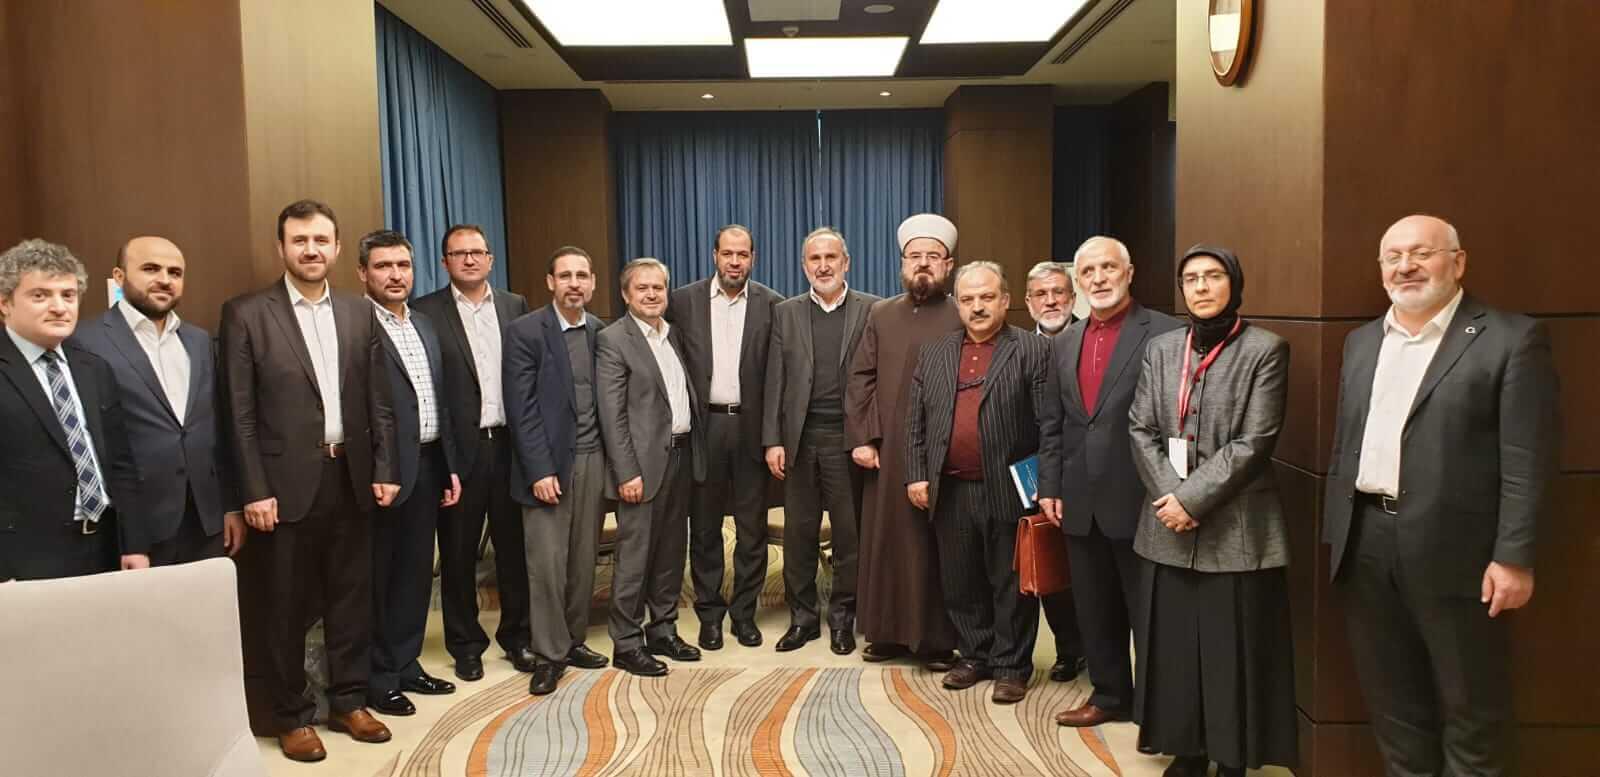 فضيلة الشيخ الدكتورعلي القره داغي الأمين العام للاتحاد يشارك في الندوة العلمية الأولى التي أقامتها رئاسة الشؤون الدينية بتركيا